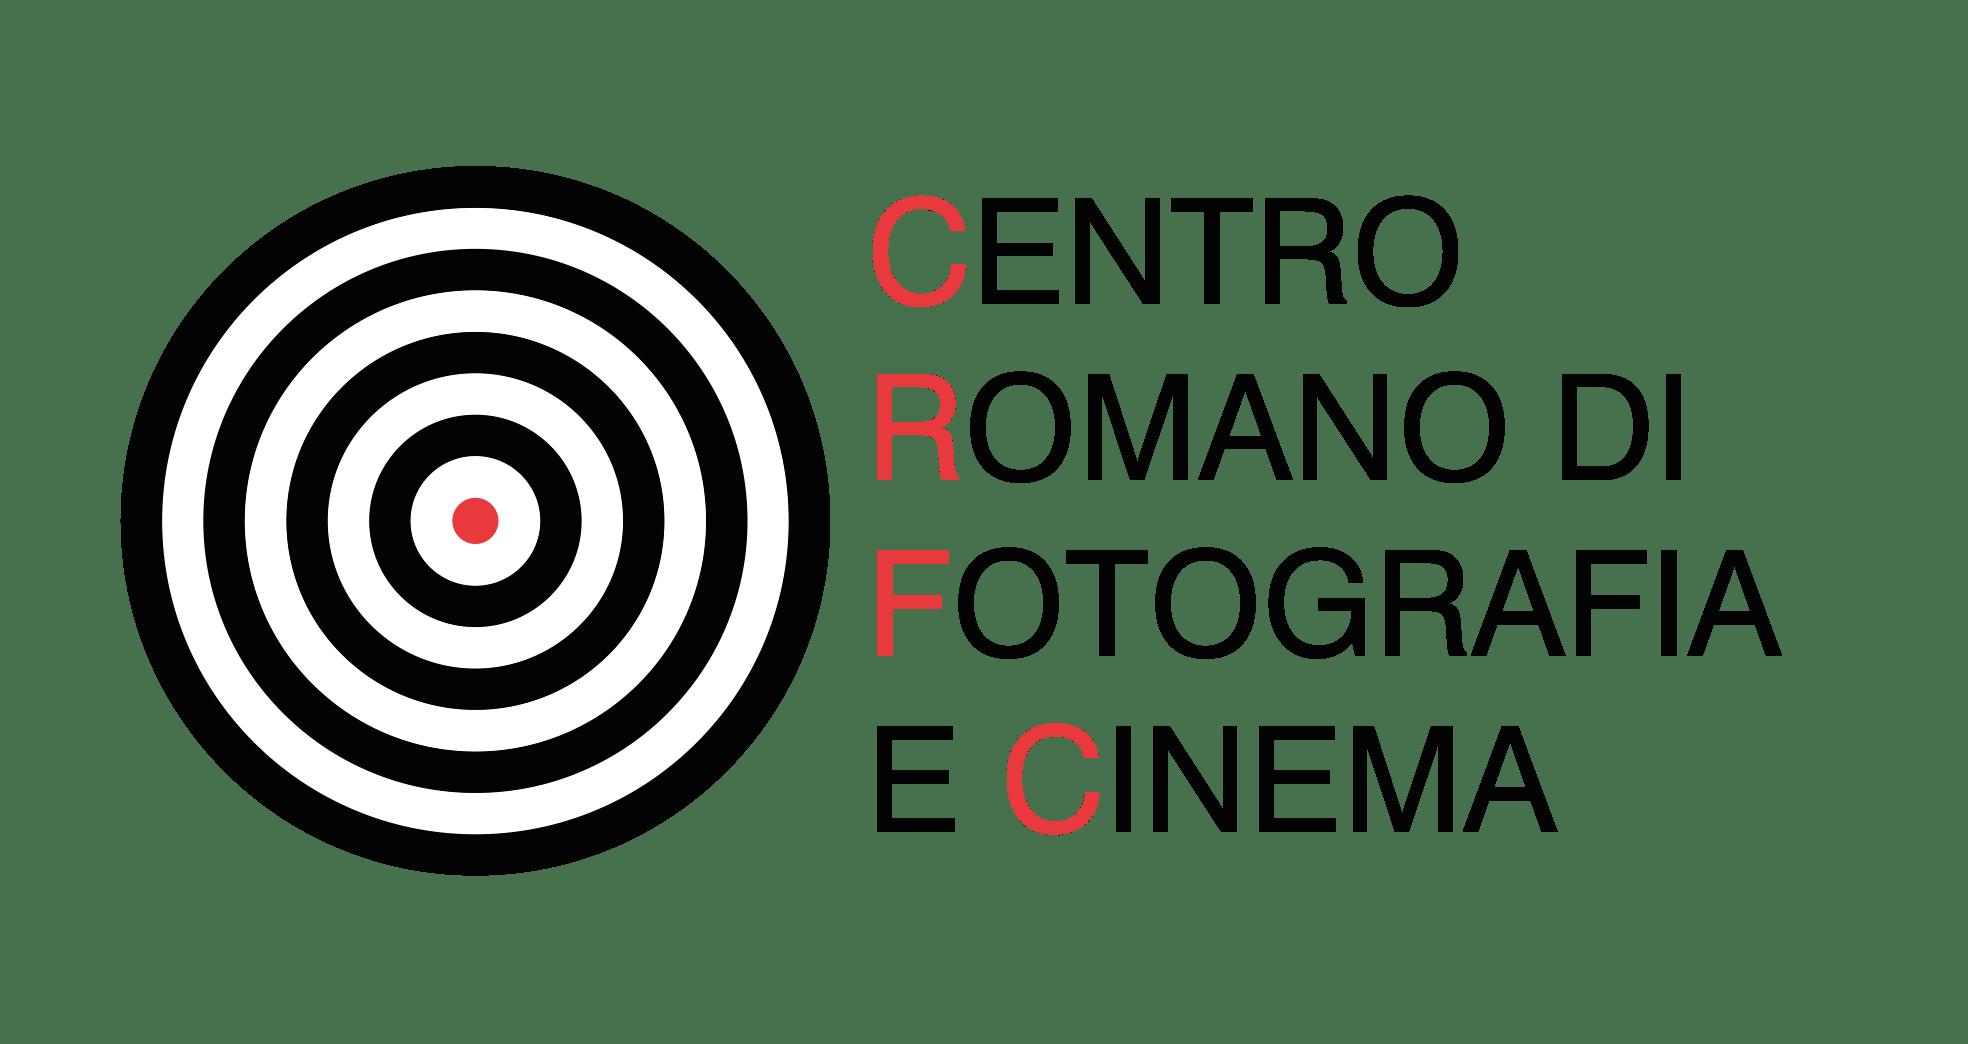 Centro Romano Fotografia